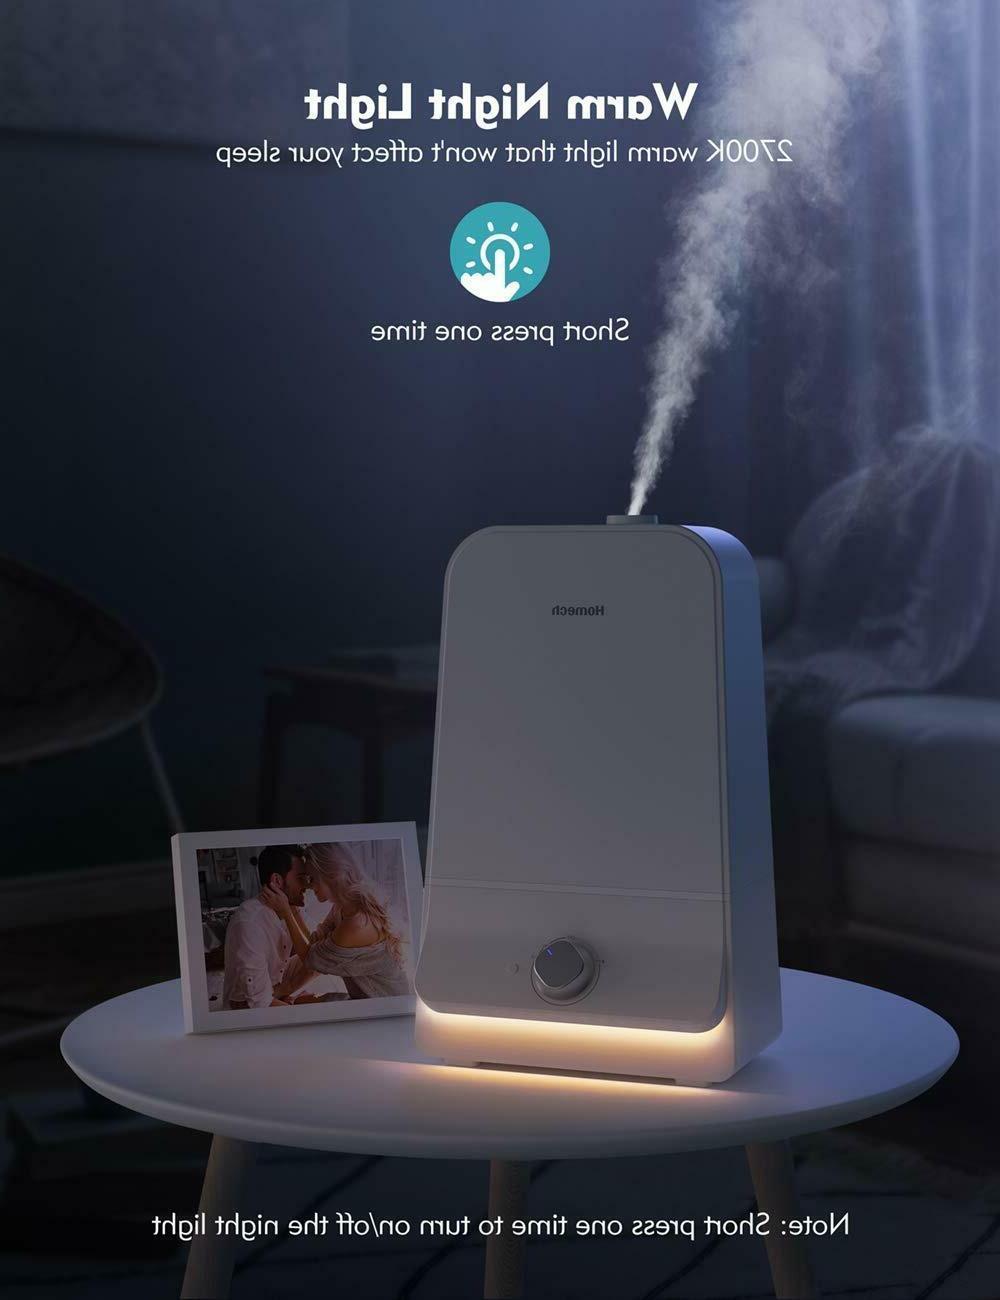 Homech Mist Quiet Ultrasonic Humidifier Bedroom,